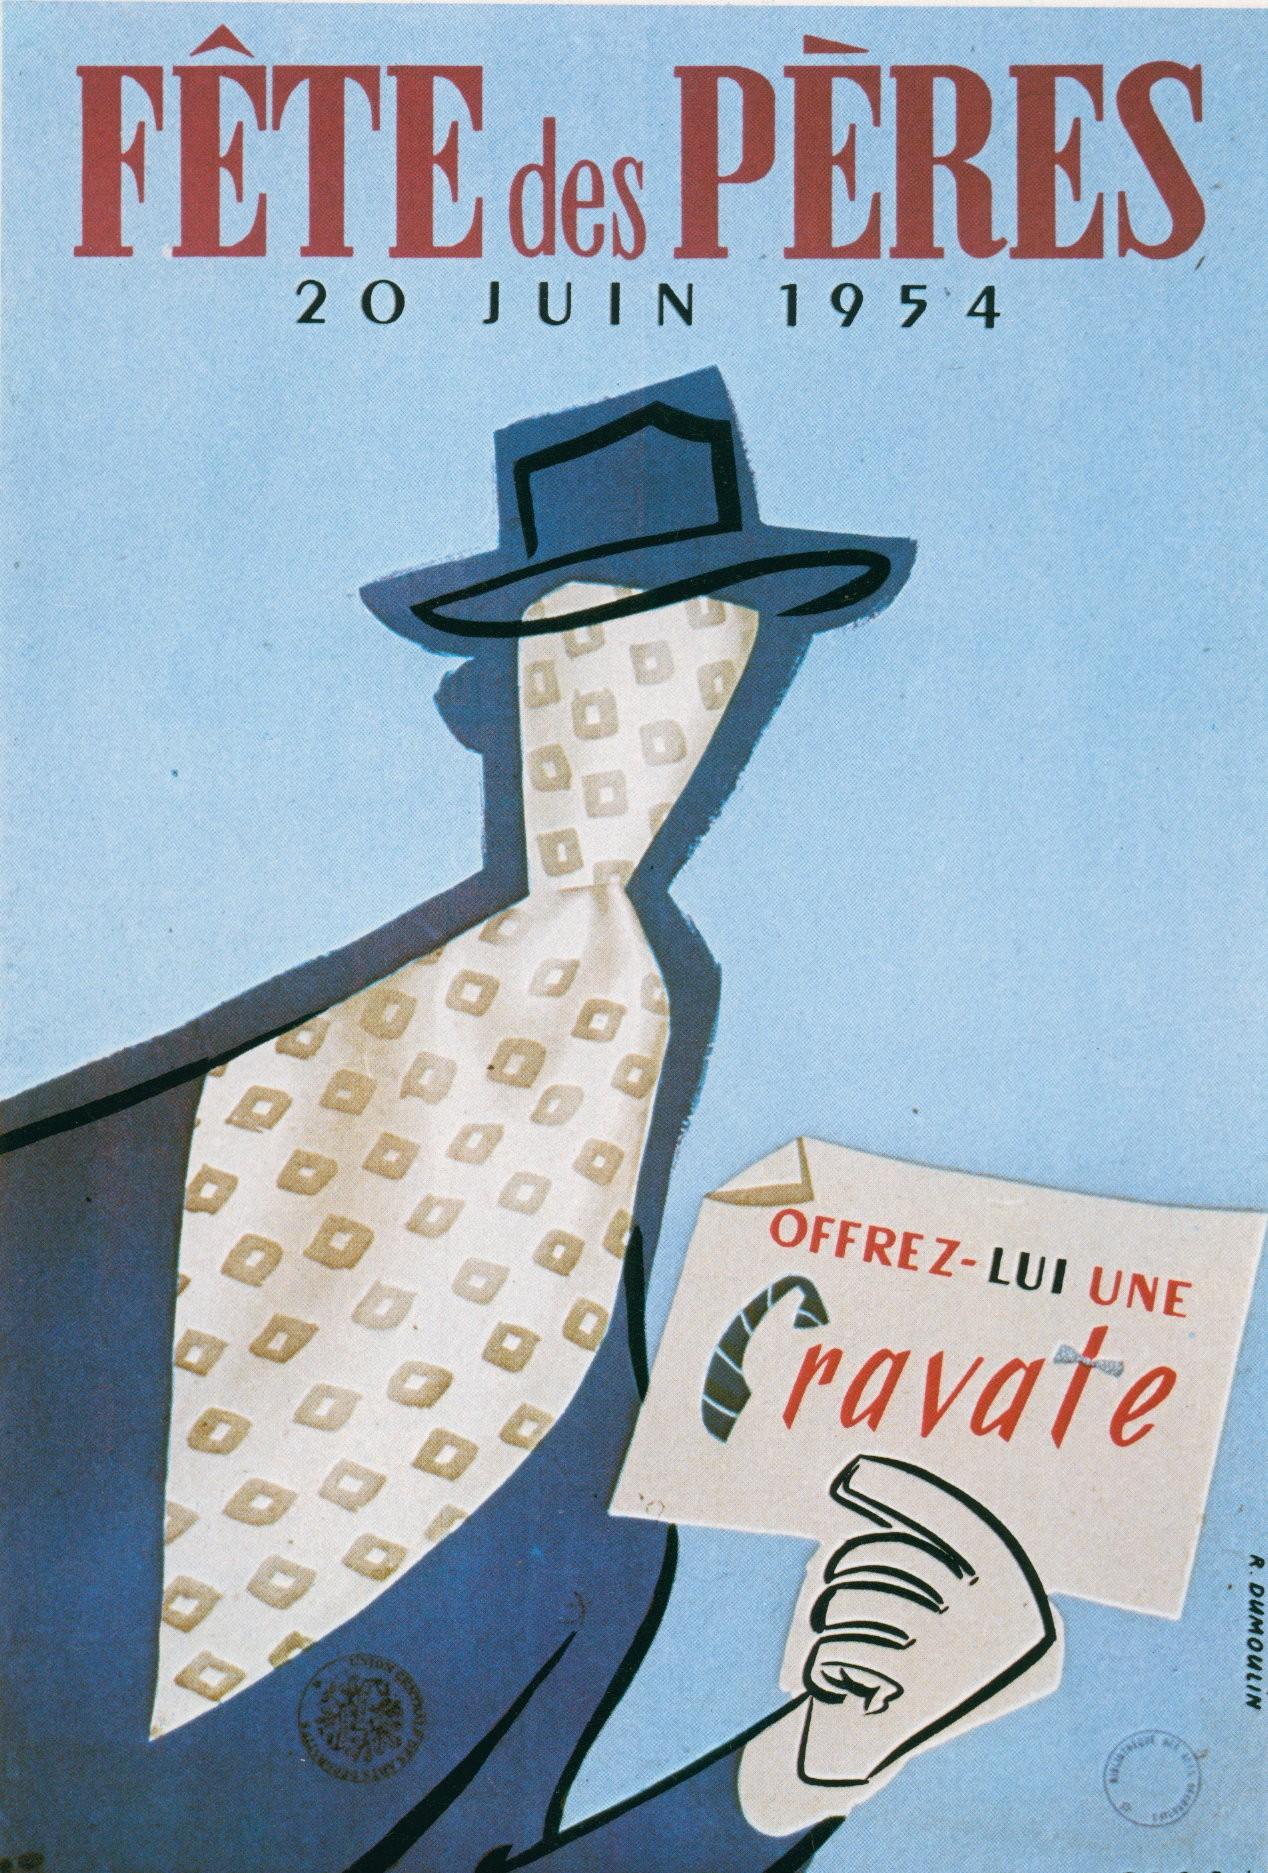 Publicite 1950 1965 22